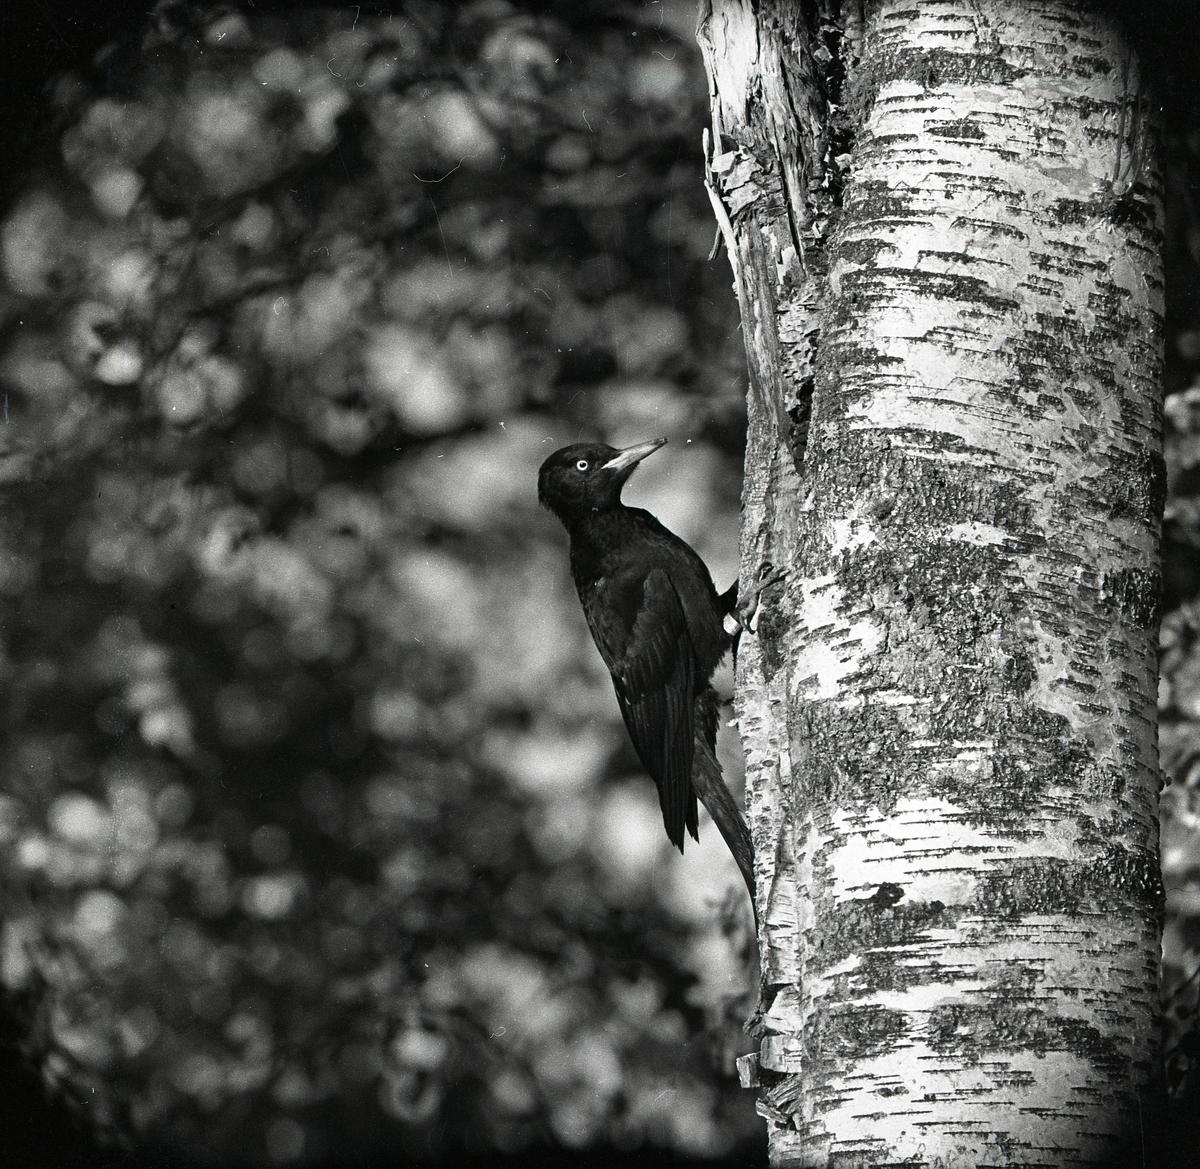 Med klorna inborrade i björkens bark sitter spillkråkan på trädet. Spillkråkan är fotograferad i profil där den sitter under en av trädets grenar. Ett grumligt lövverk anas i bakgrunden.